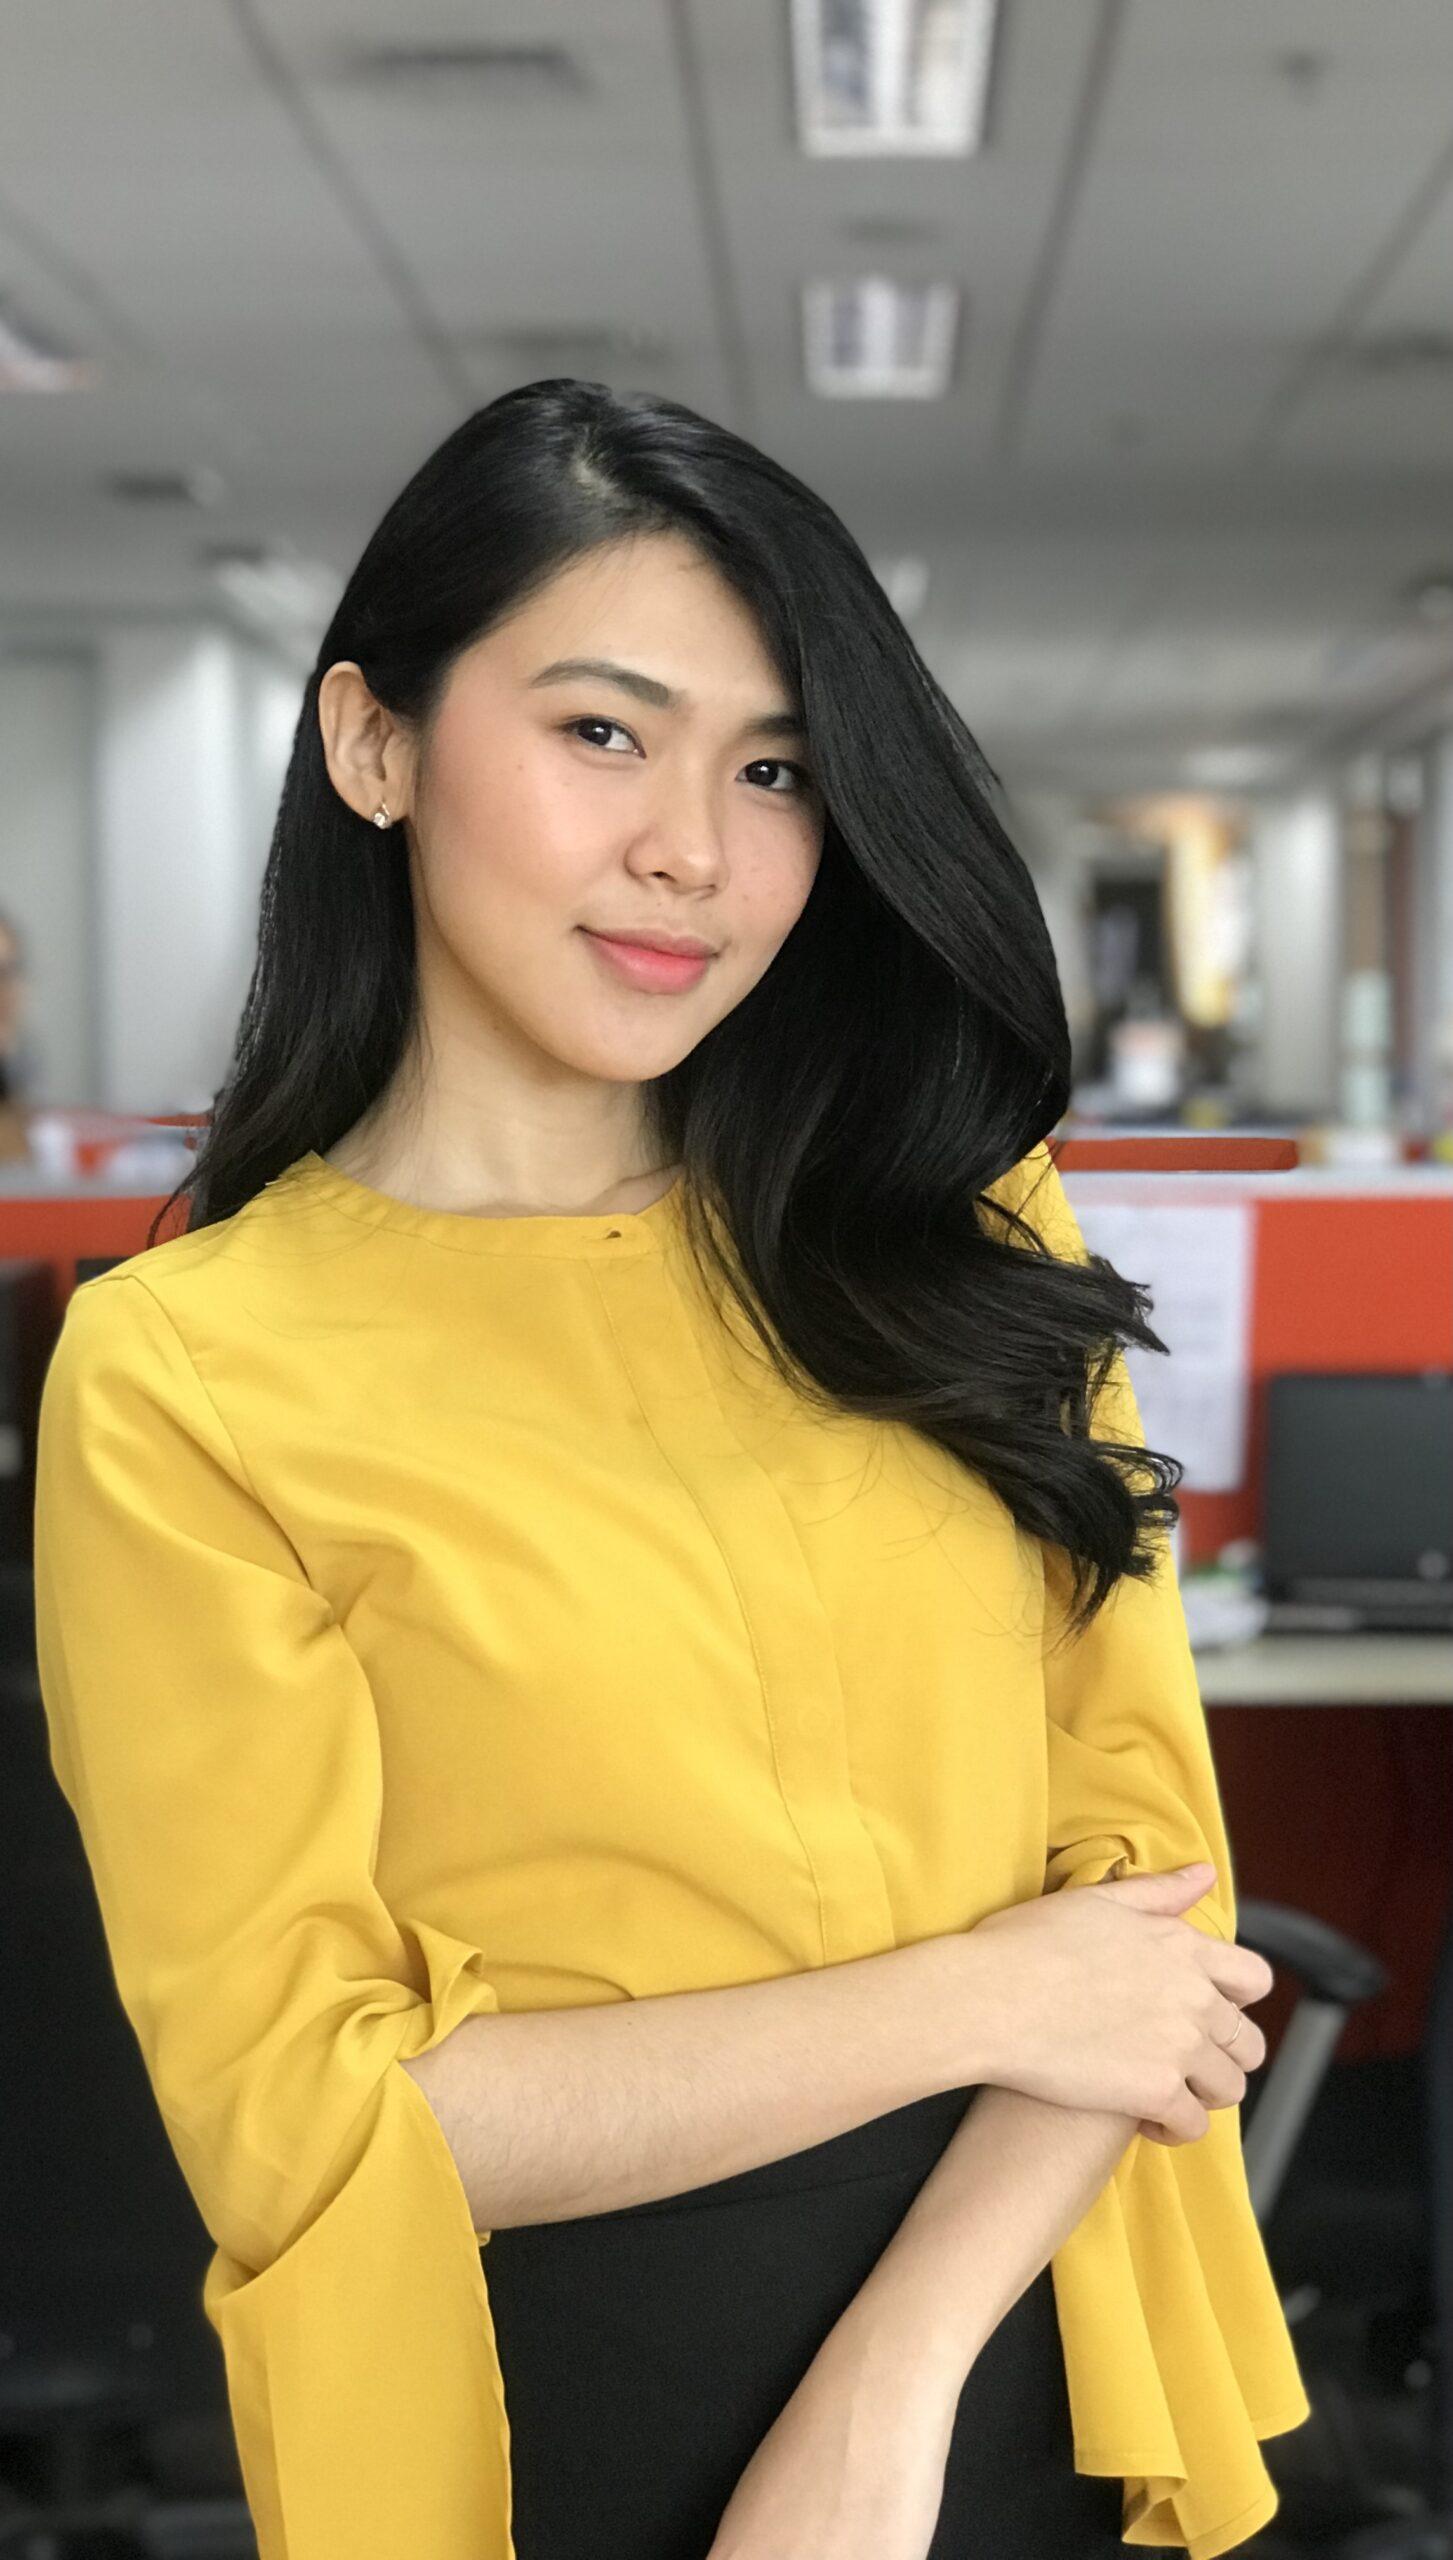 Erna Wijayana